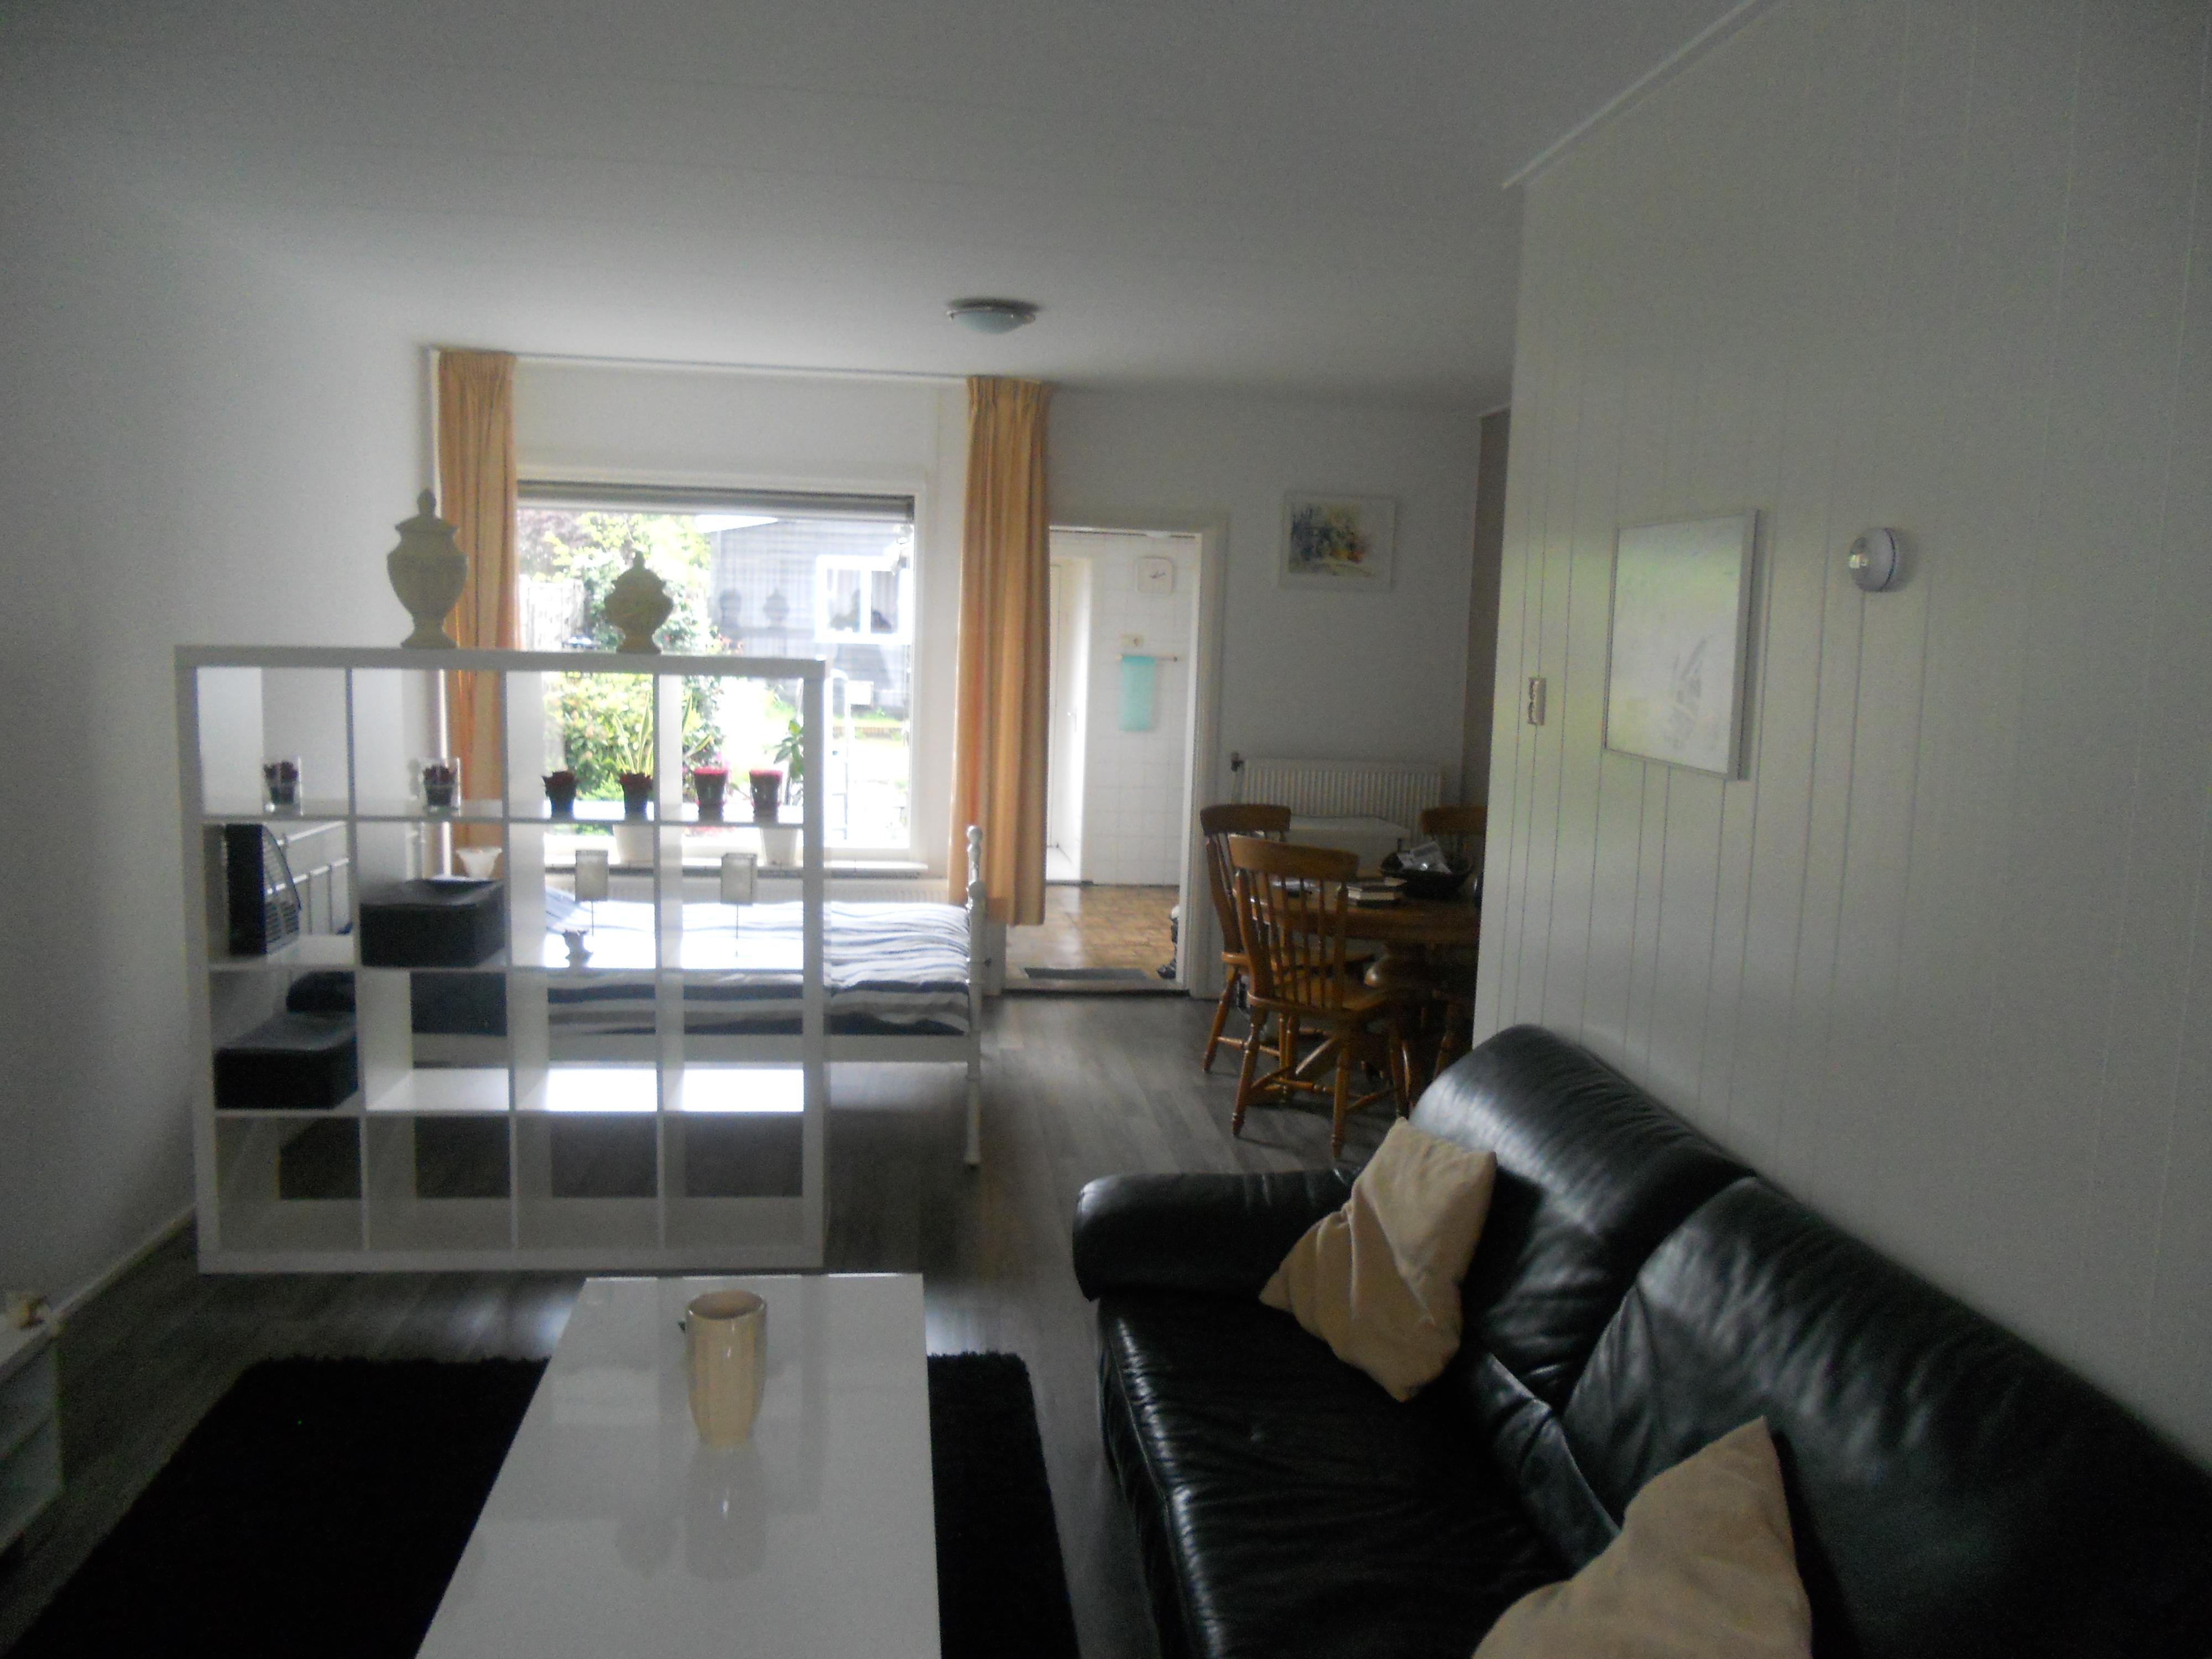 Te huur 3006 studio in het centrumgebied van enschede twents vast enschede - Center meubilair keuken ...